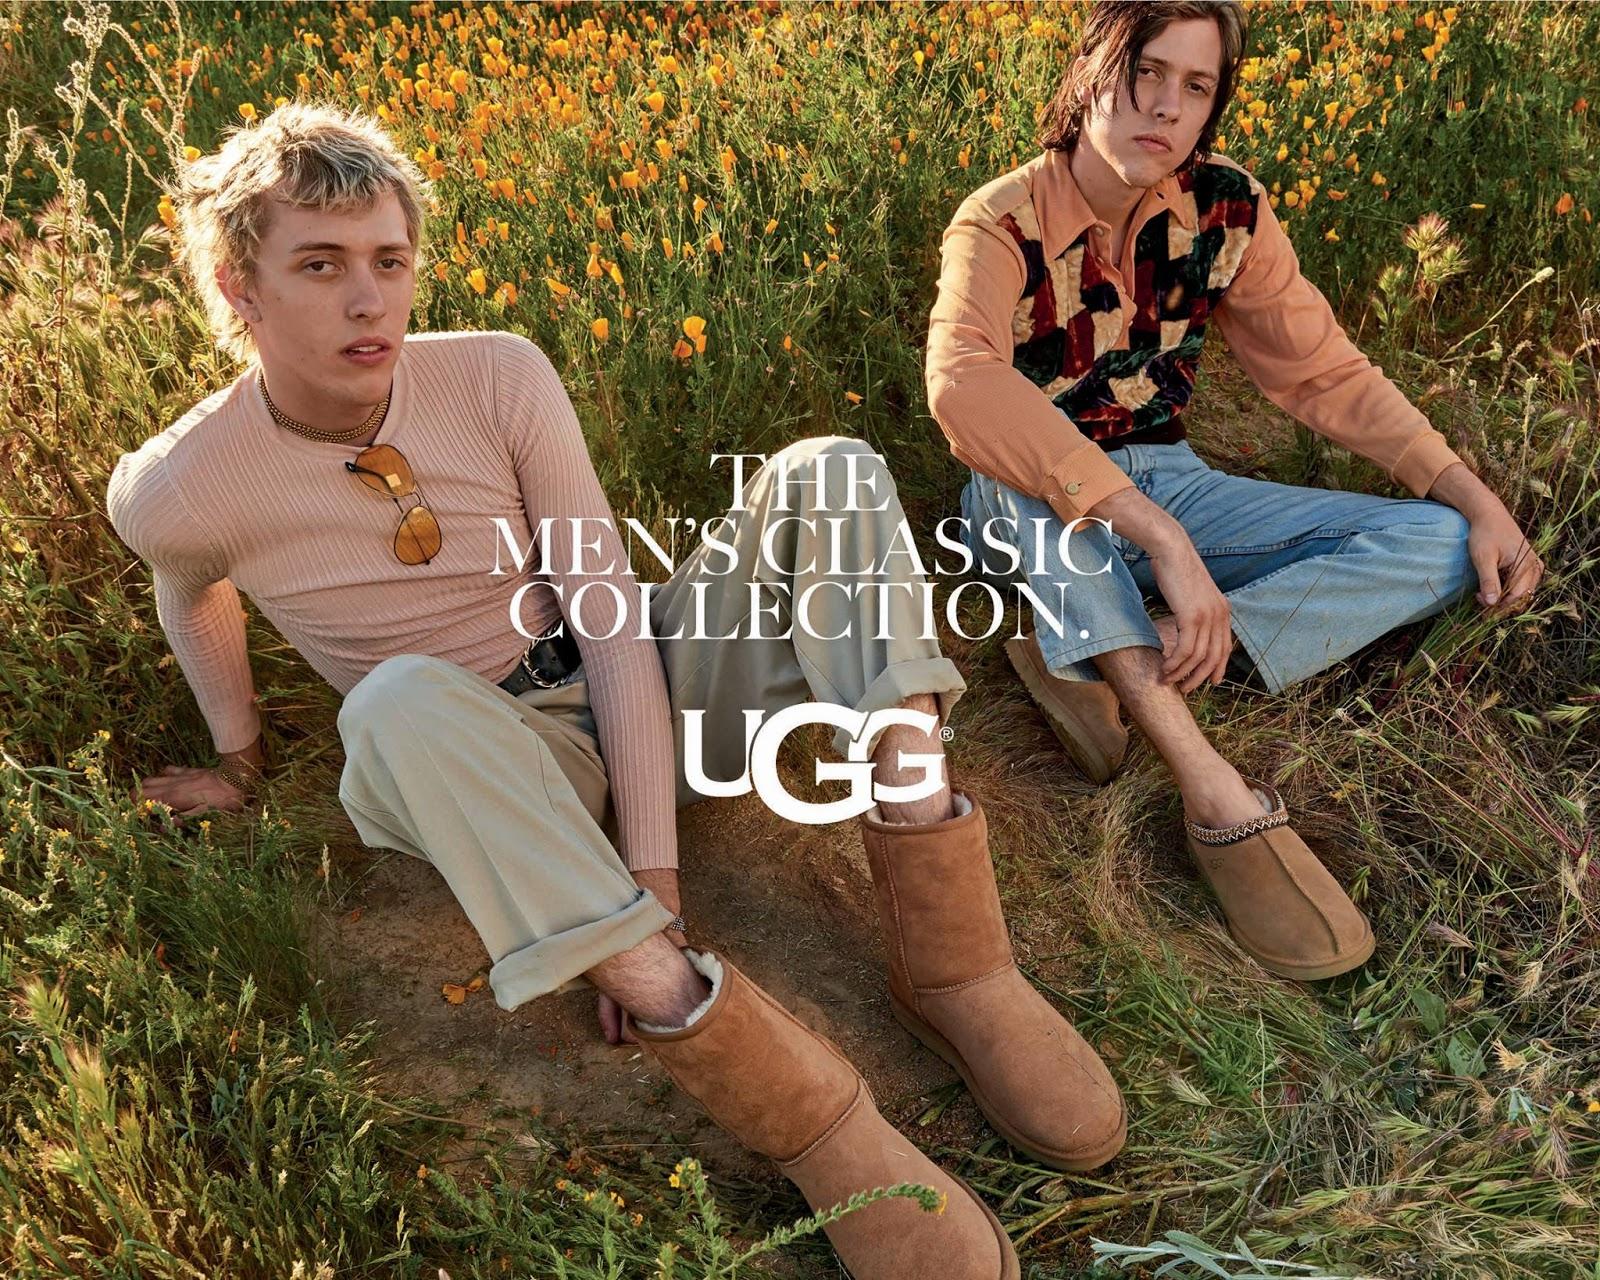 ugg-spring-summer-2018-3.jpg